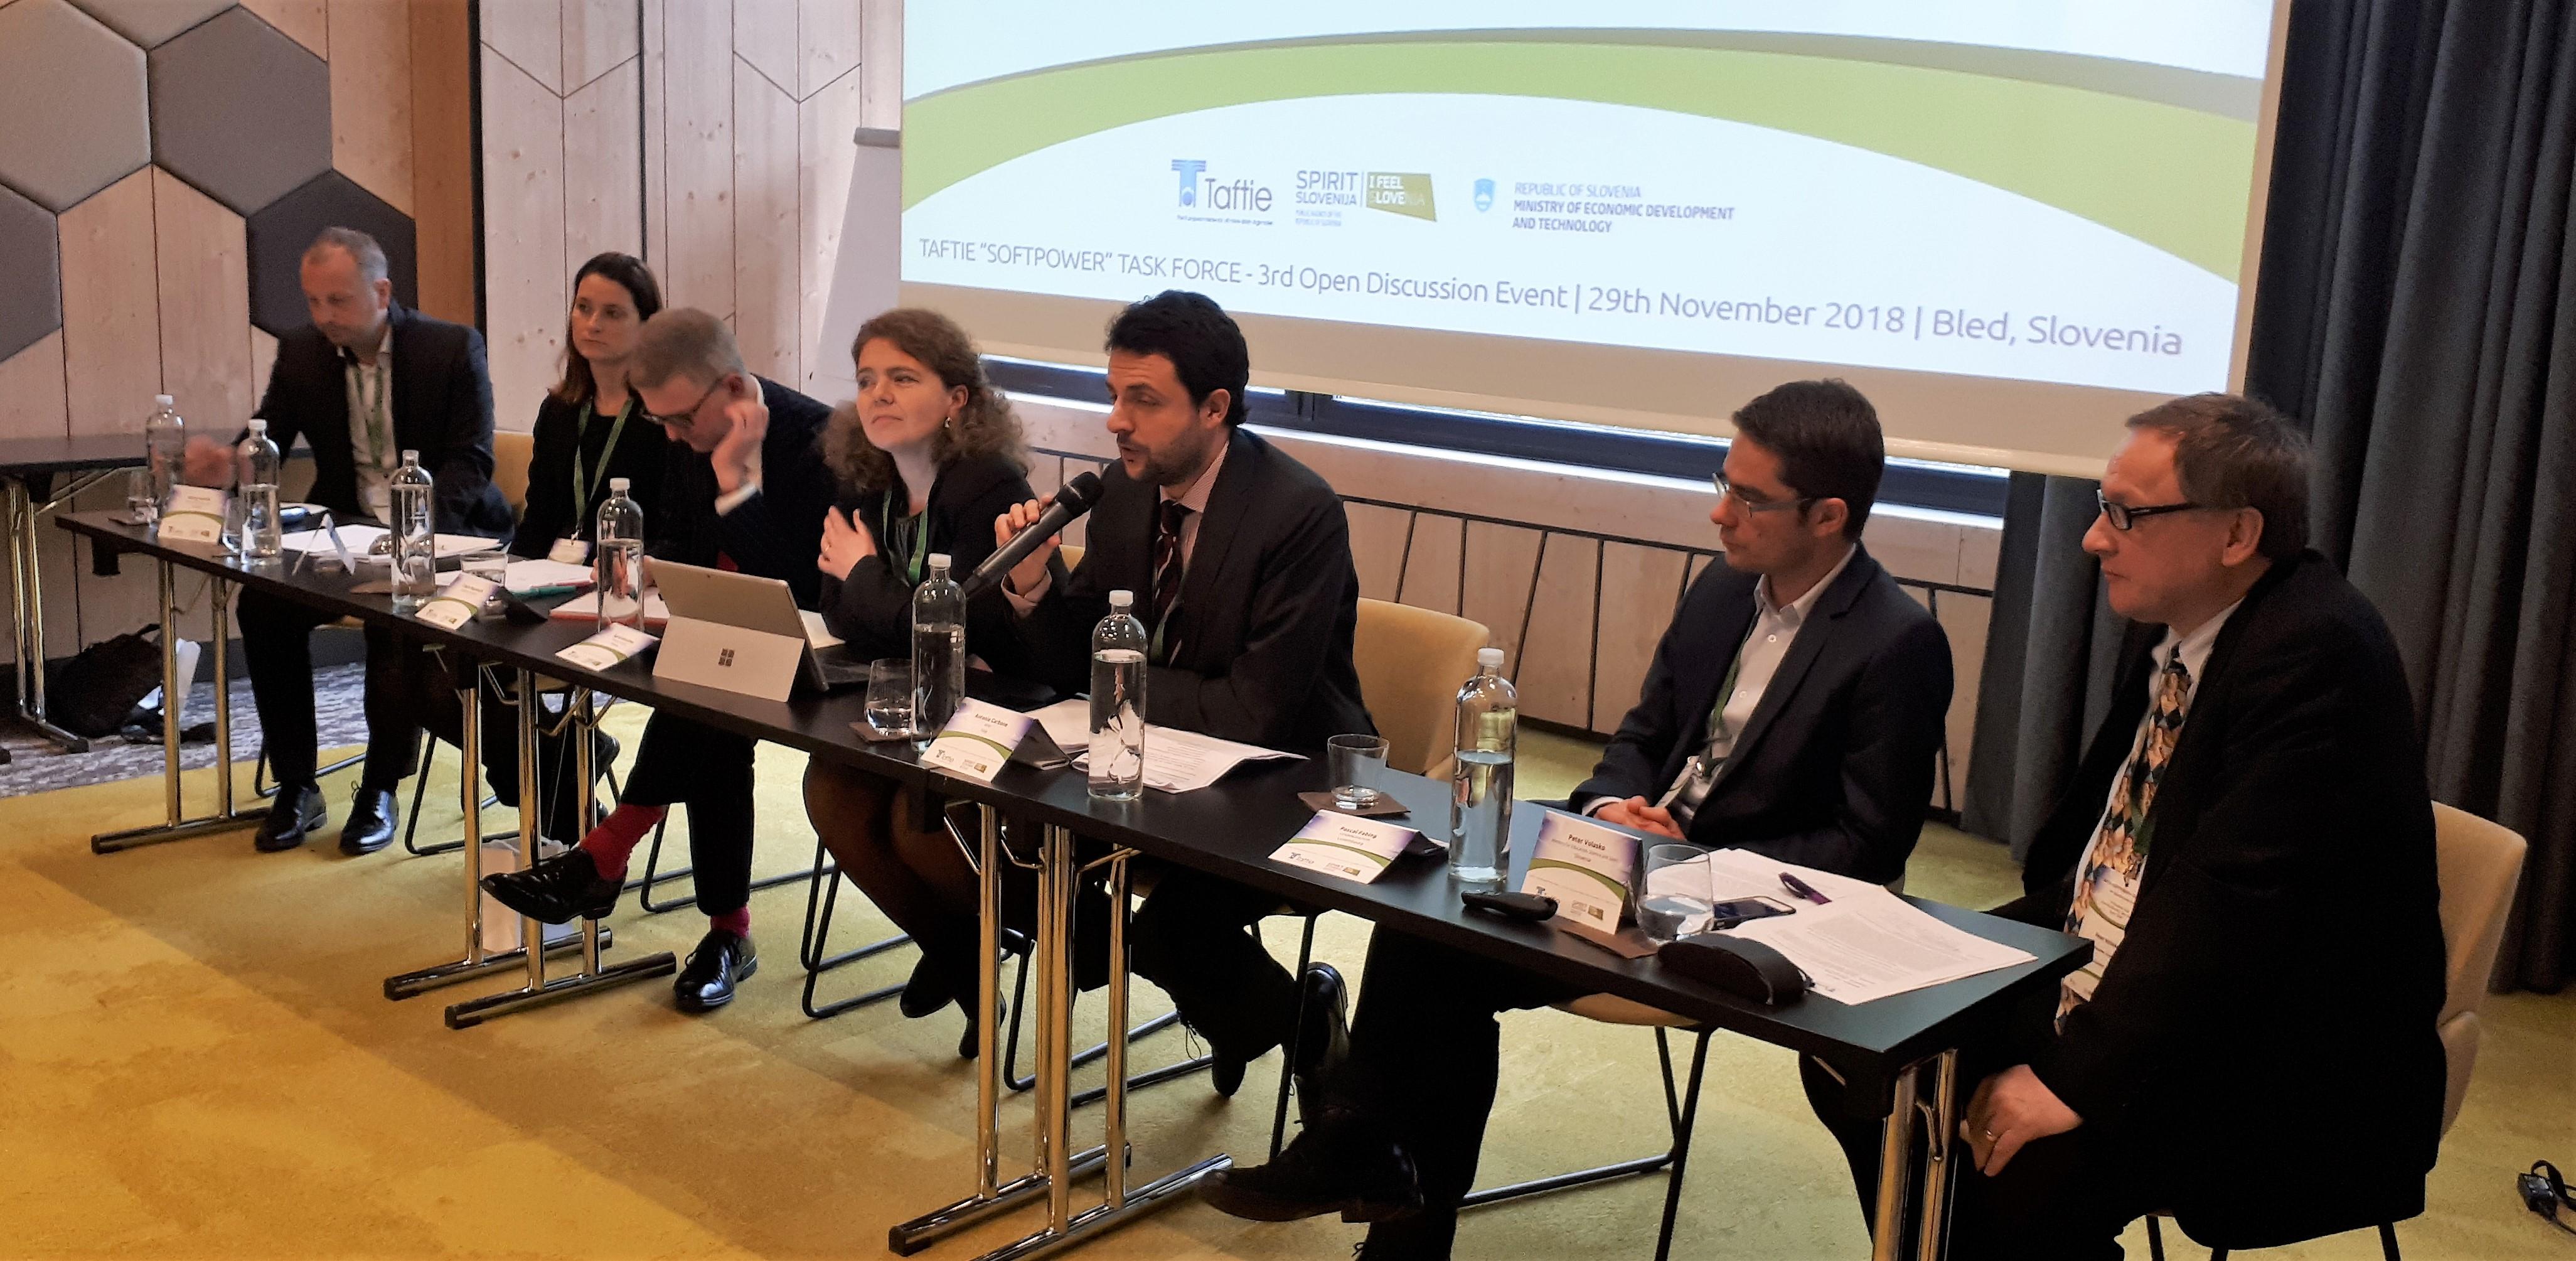 Na delovnem posvetu se je zbralo 55 udeležencev iz evropskih inovacijskih agencij, med katerimi je tudi SPIRIT Slovenija.